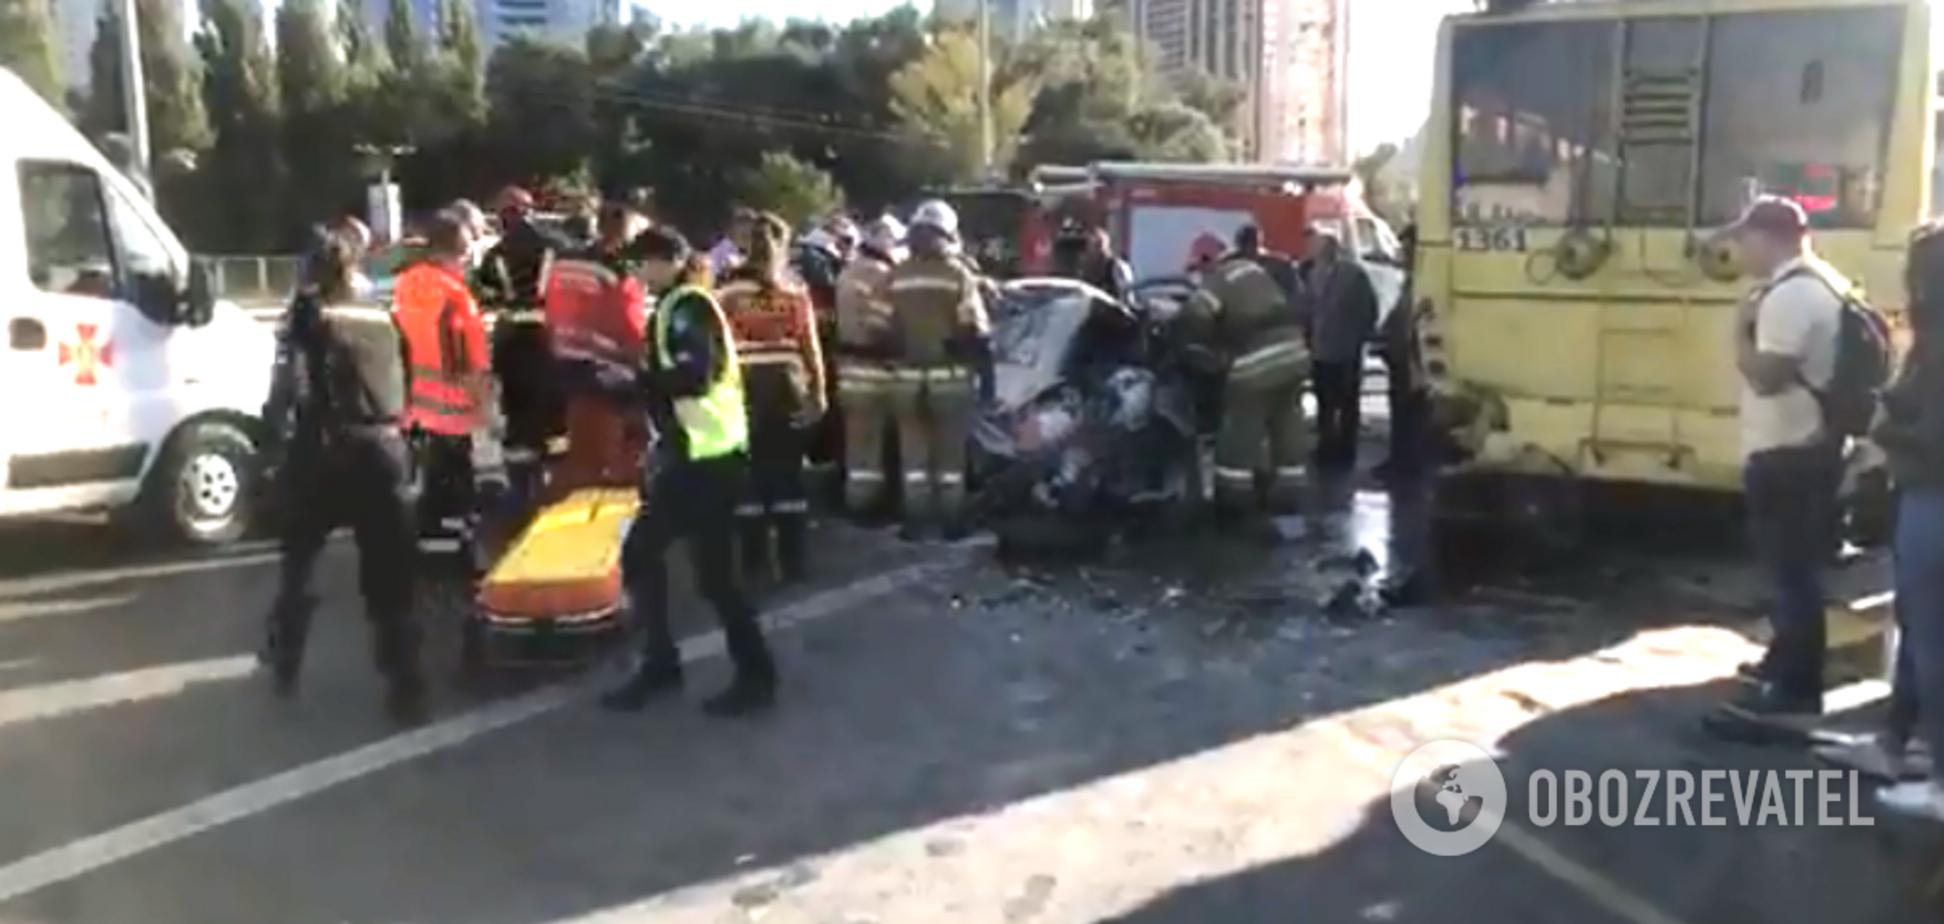 Влетів у тролейбус і загорівся: у Києві трапилася кривава ДТП